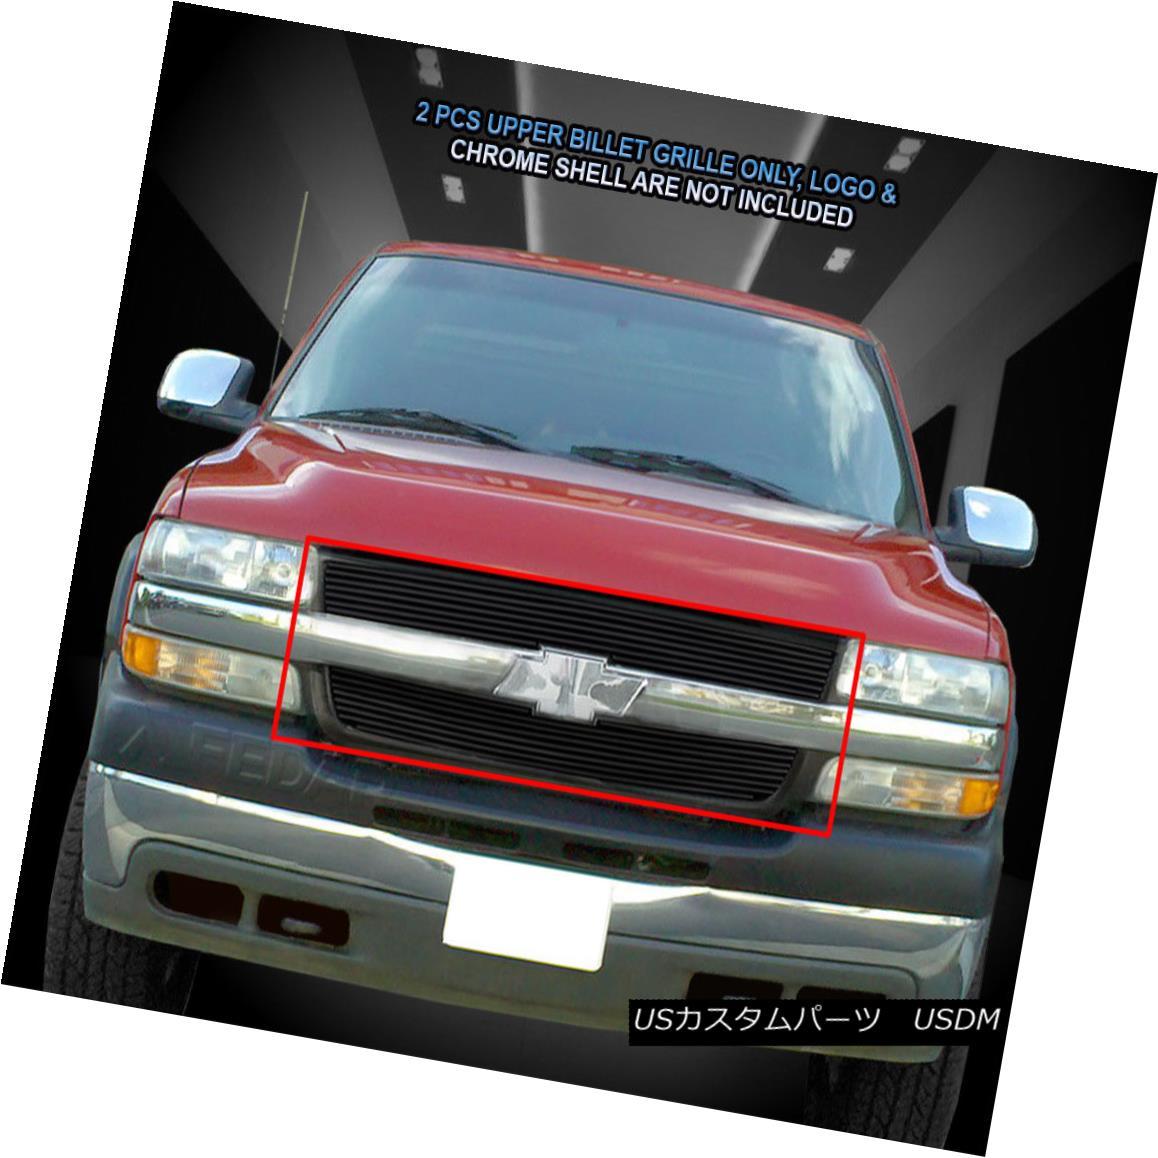 グリル For 01-02 Chevy Silverado 2500 3500 Black Billet Grille Grill Insert Fedar 01-02 Chevy Silverado 2500 3500 Black BilletグリルグリルインサートFedar